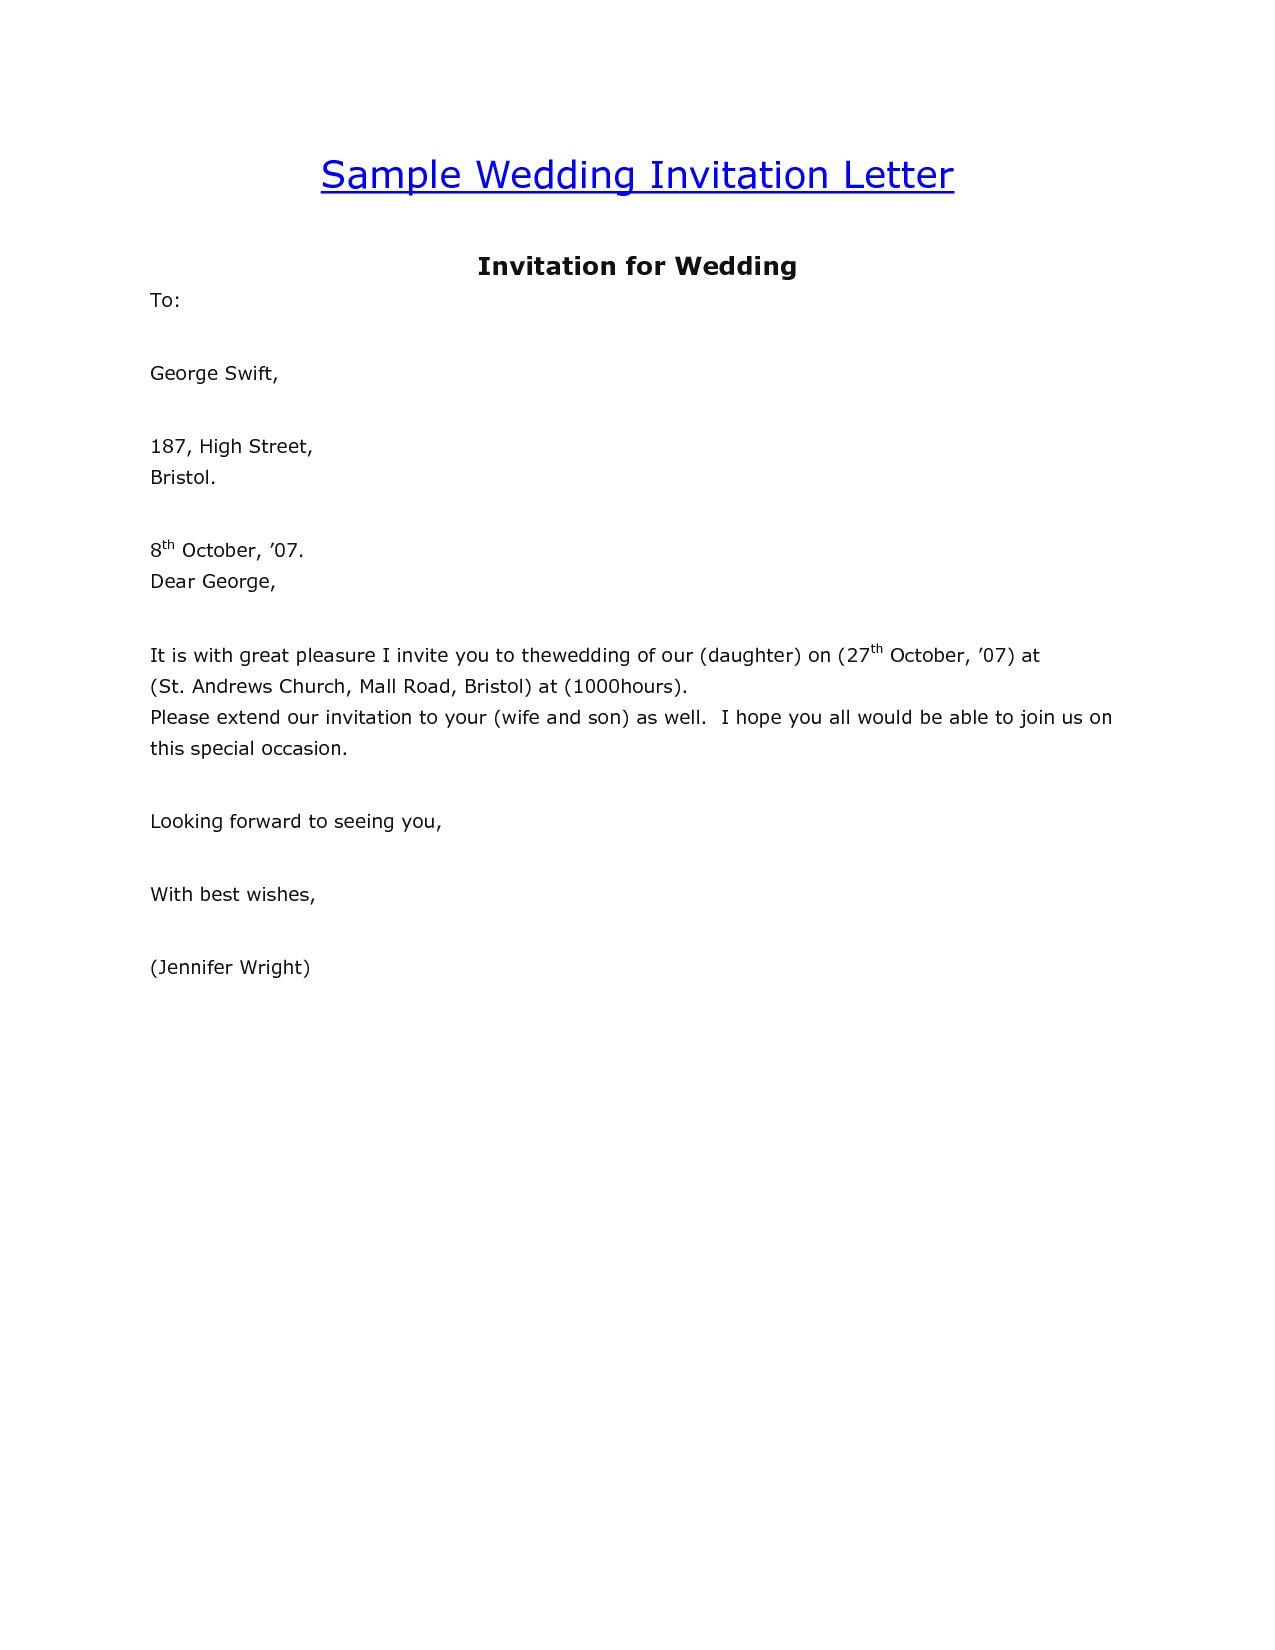 Sister wedding invitation email sample wedding invitation sample.